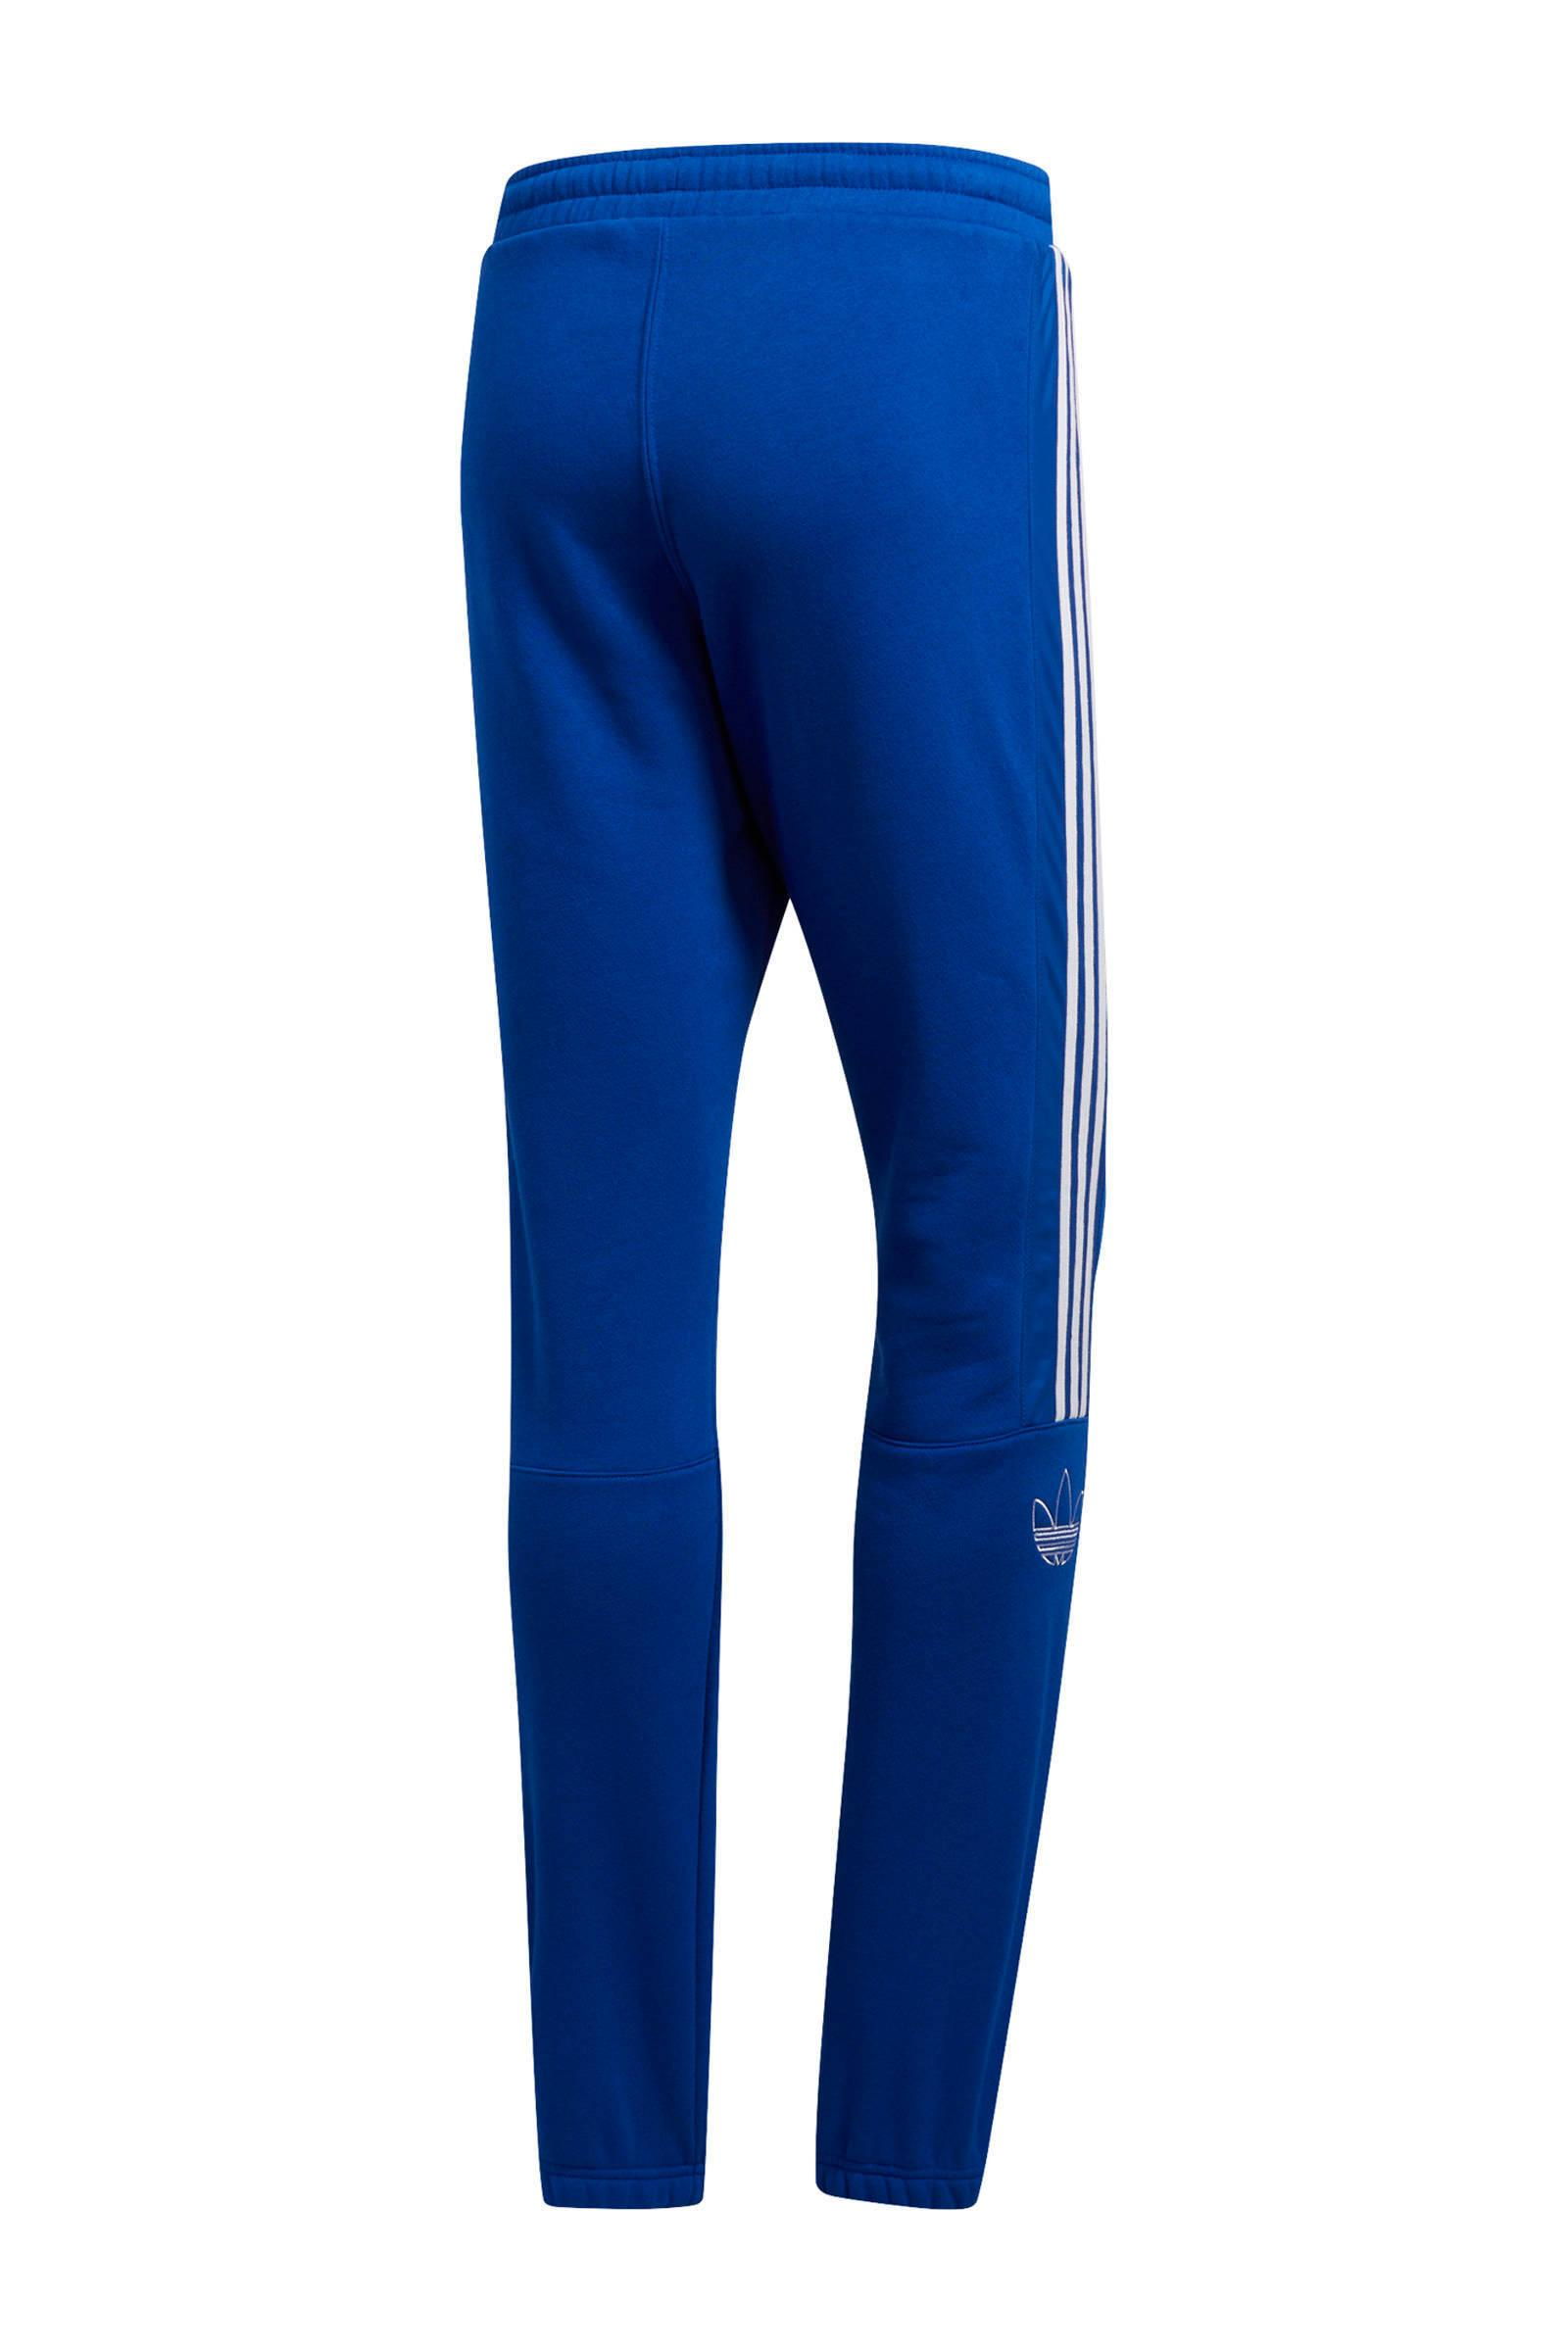 adidas Originals joggingbroek Blauw in het Blauw voor heren